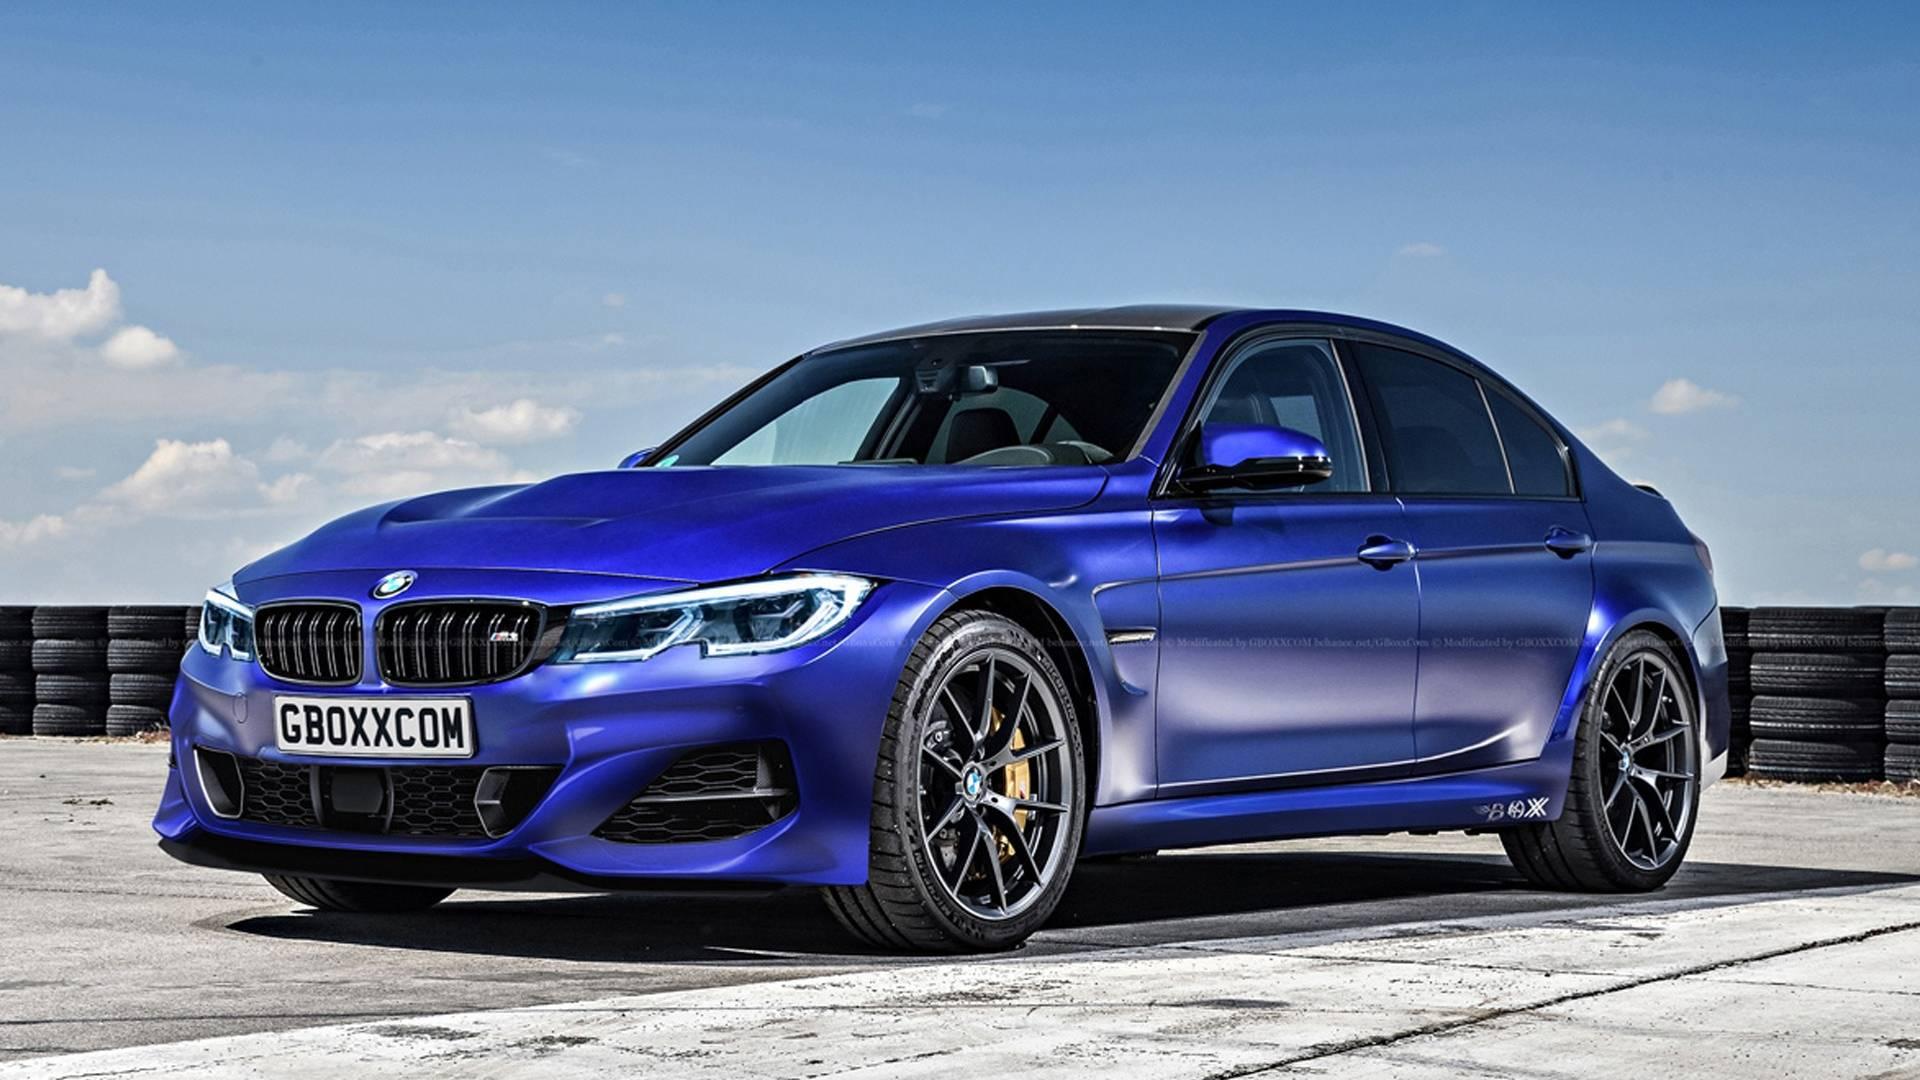 Nova generacija BMW-a M3 dolazi u tri verzije – najsnažnija s 500 ks